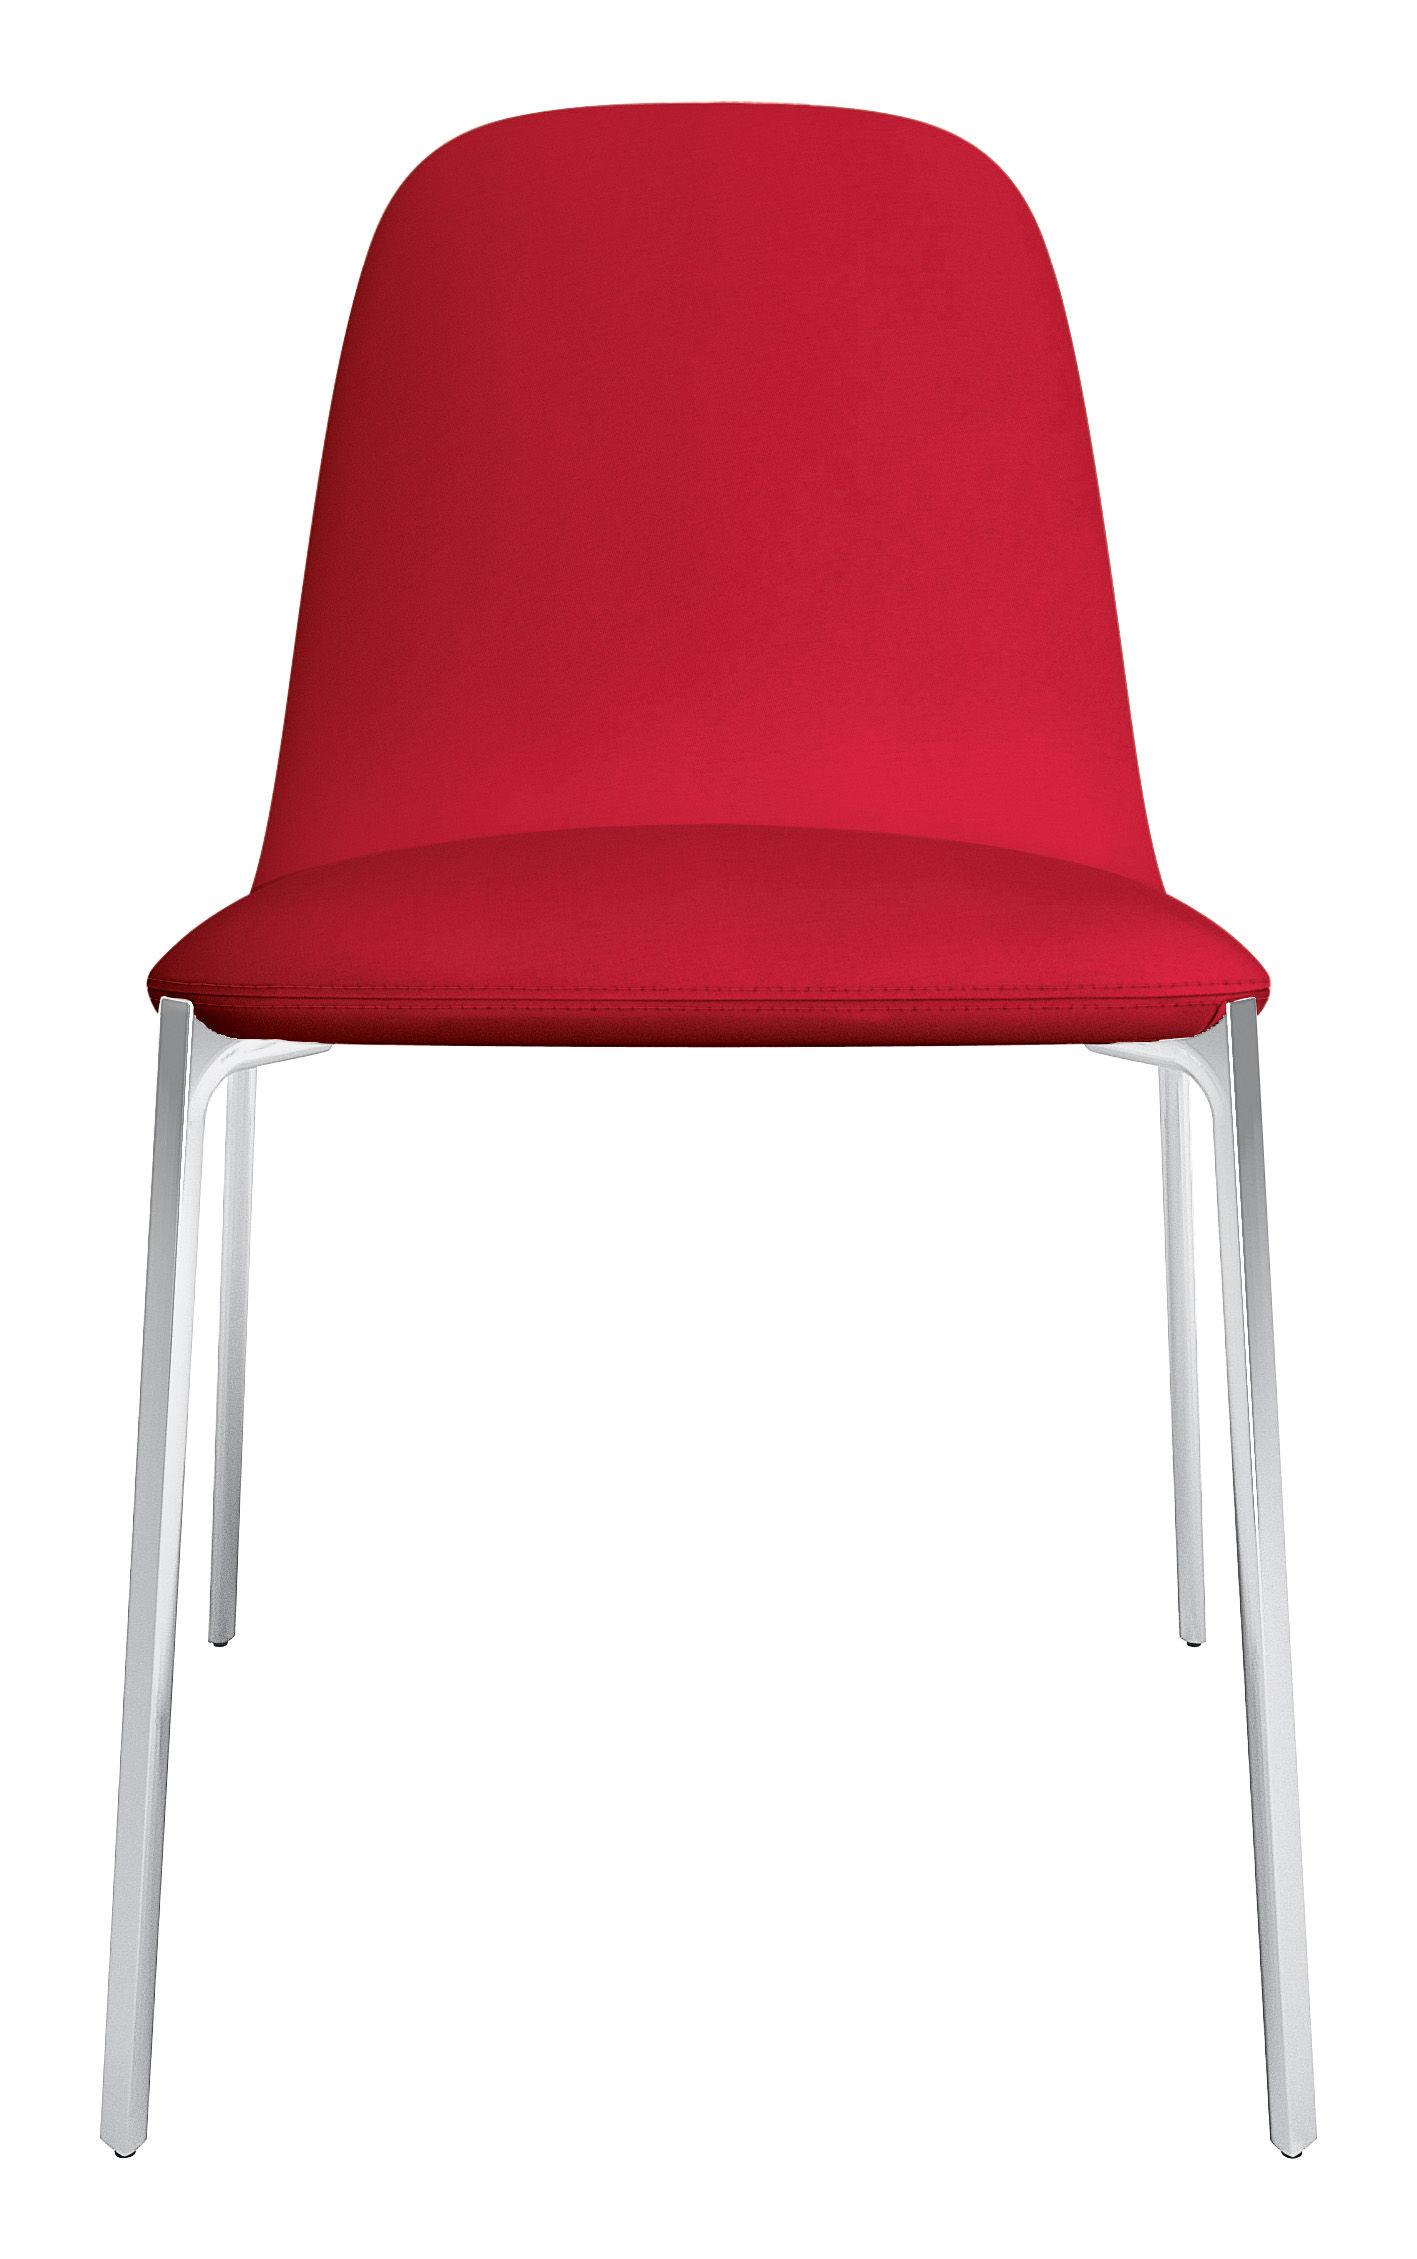 Möbel - Stühle  - Ella Gepolsterter Stuhl - Zanotta - Rot / Tischbeine Aluminium poliert - Gewebe, poliertes Aluminium, Schaumstoff